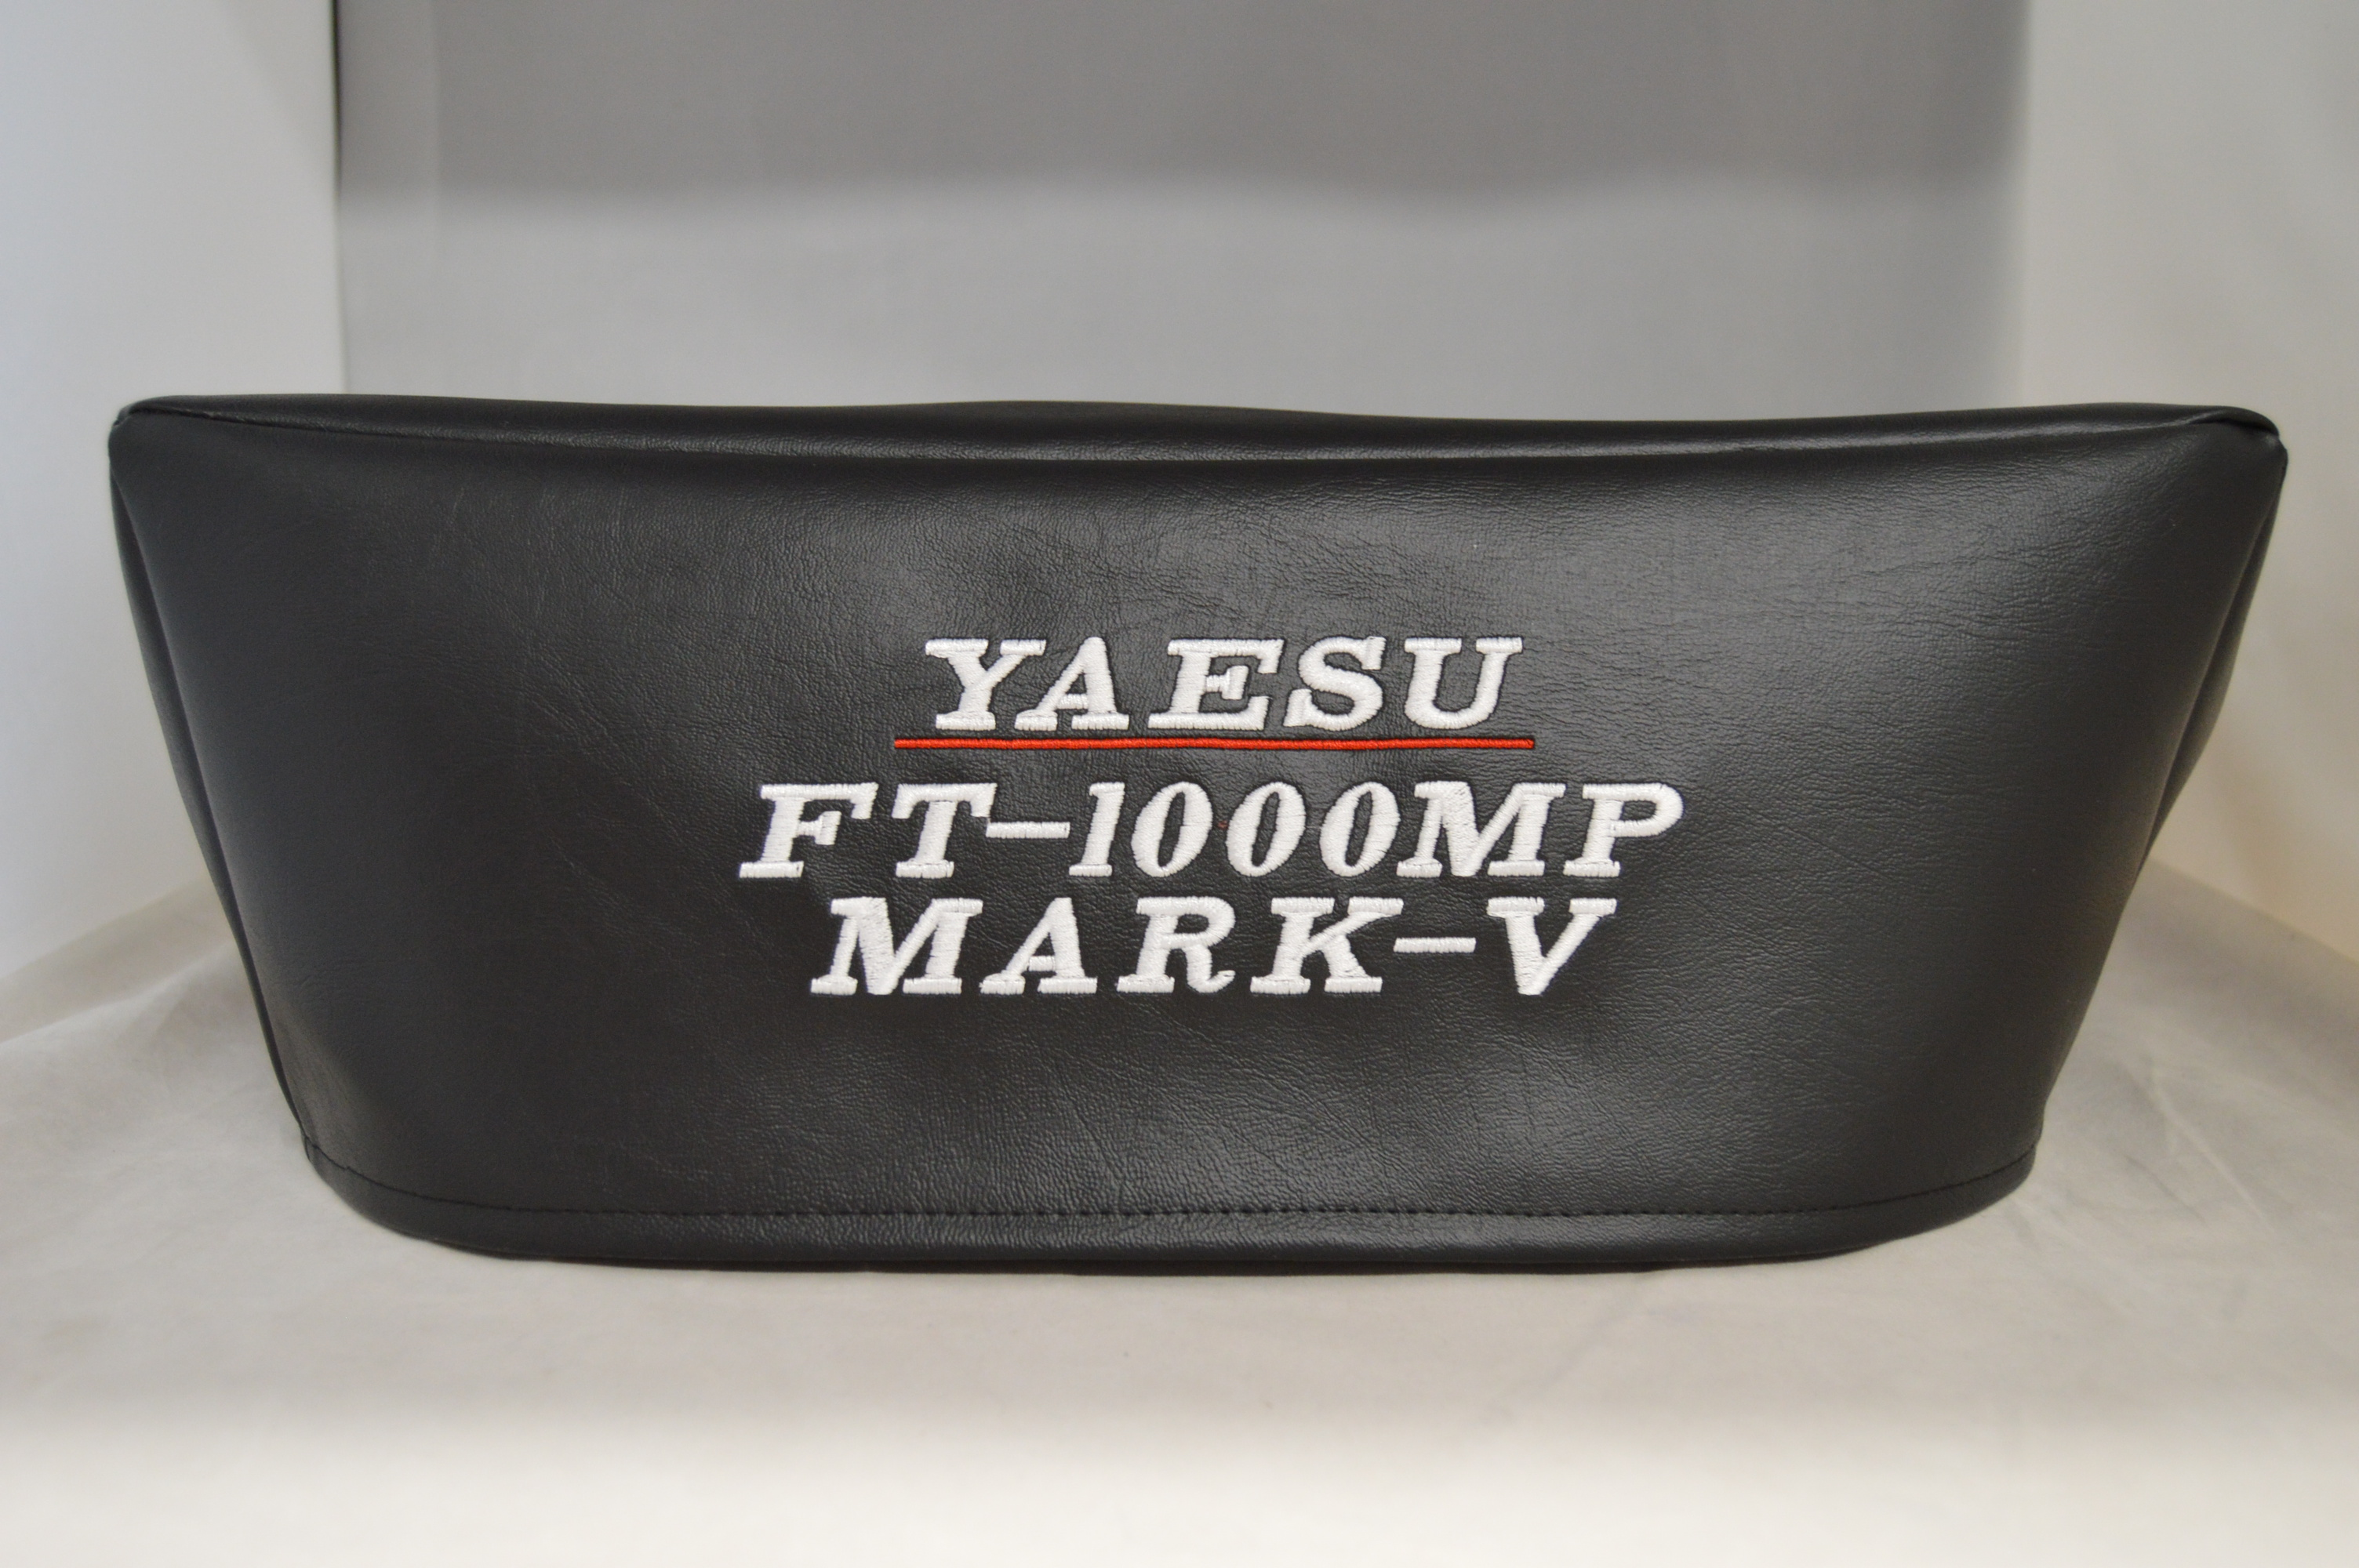 Yaesu FT-1000 Ham Radio Amateur Radio Dust Cover